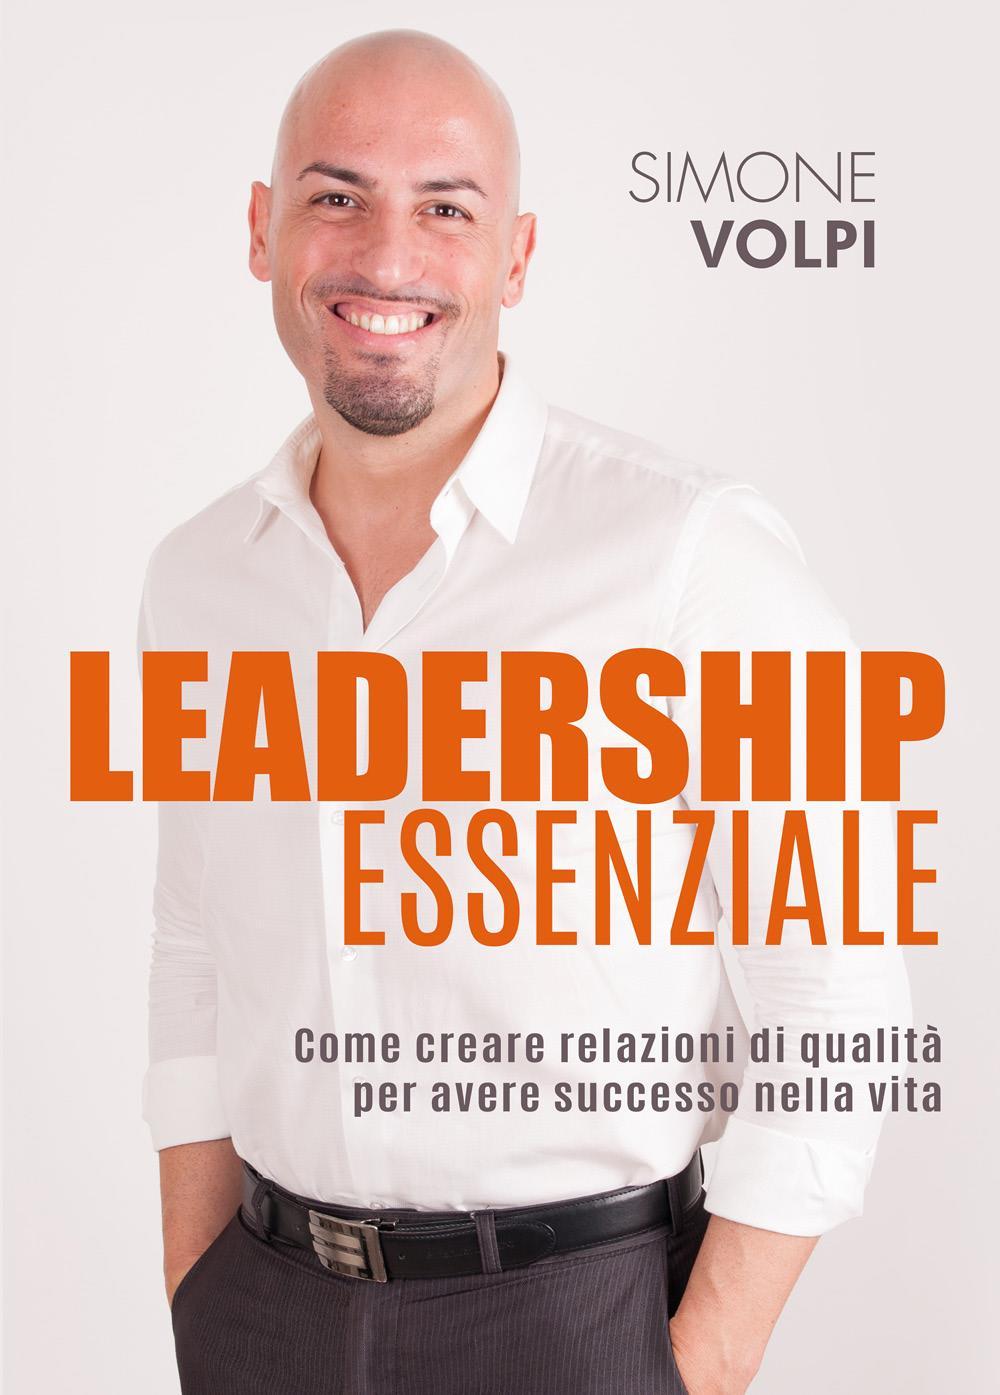 Leadership Essenziale. Come creare relazioni di qualità per avere successo nella vita